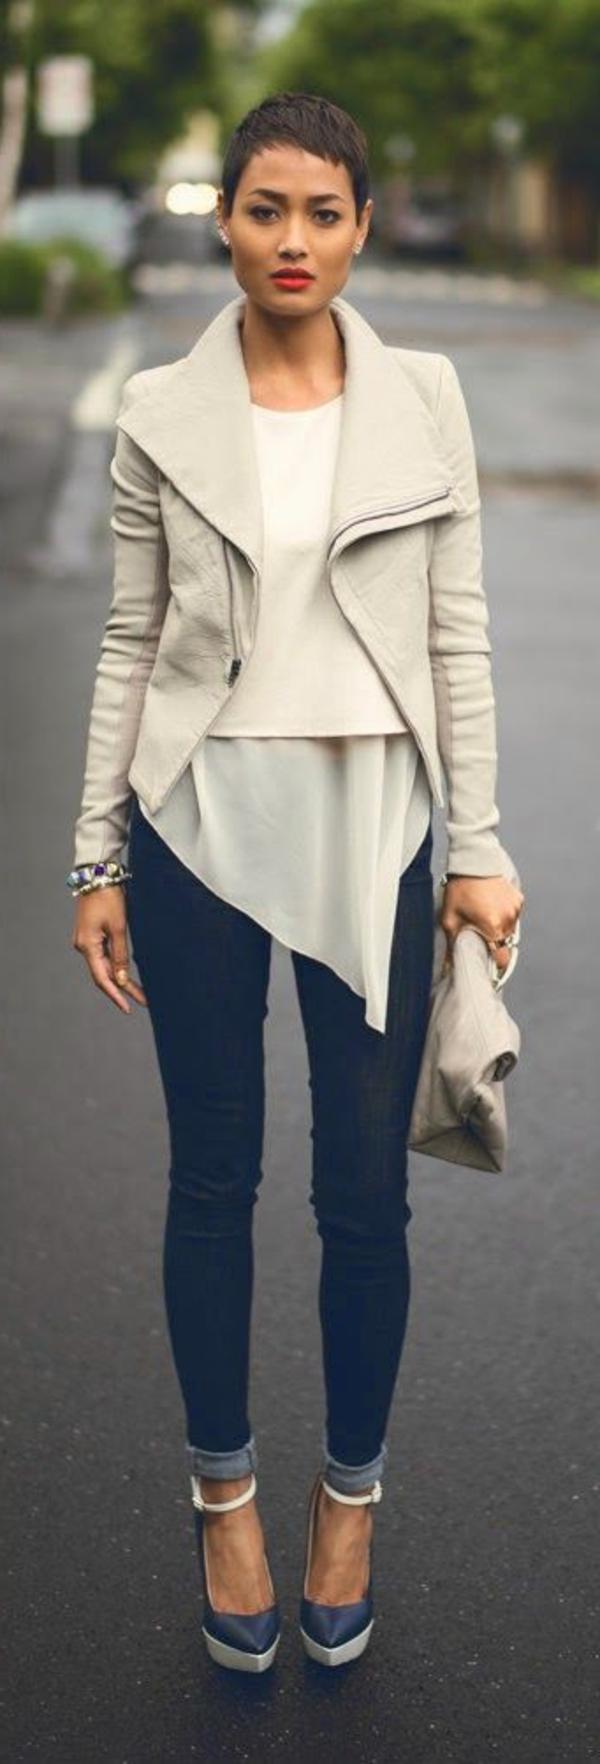 tenue-de-soirée-ou-tenue-chic-en-cuir-blanche